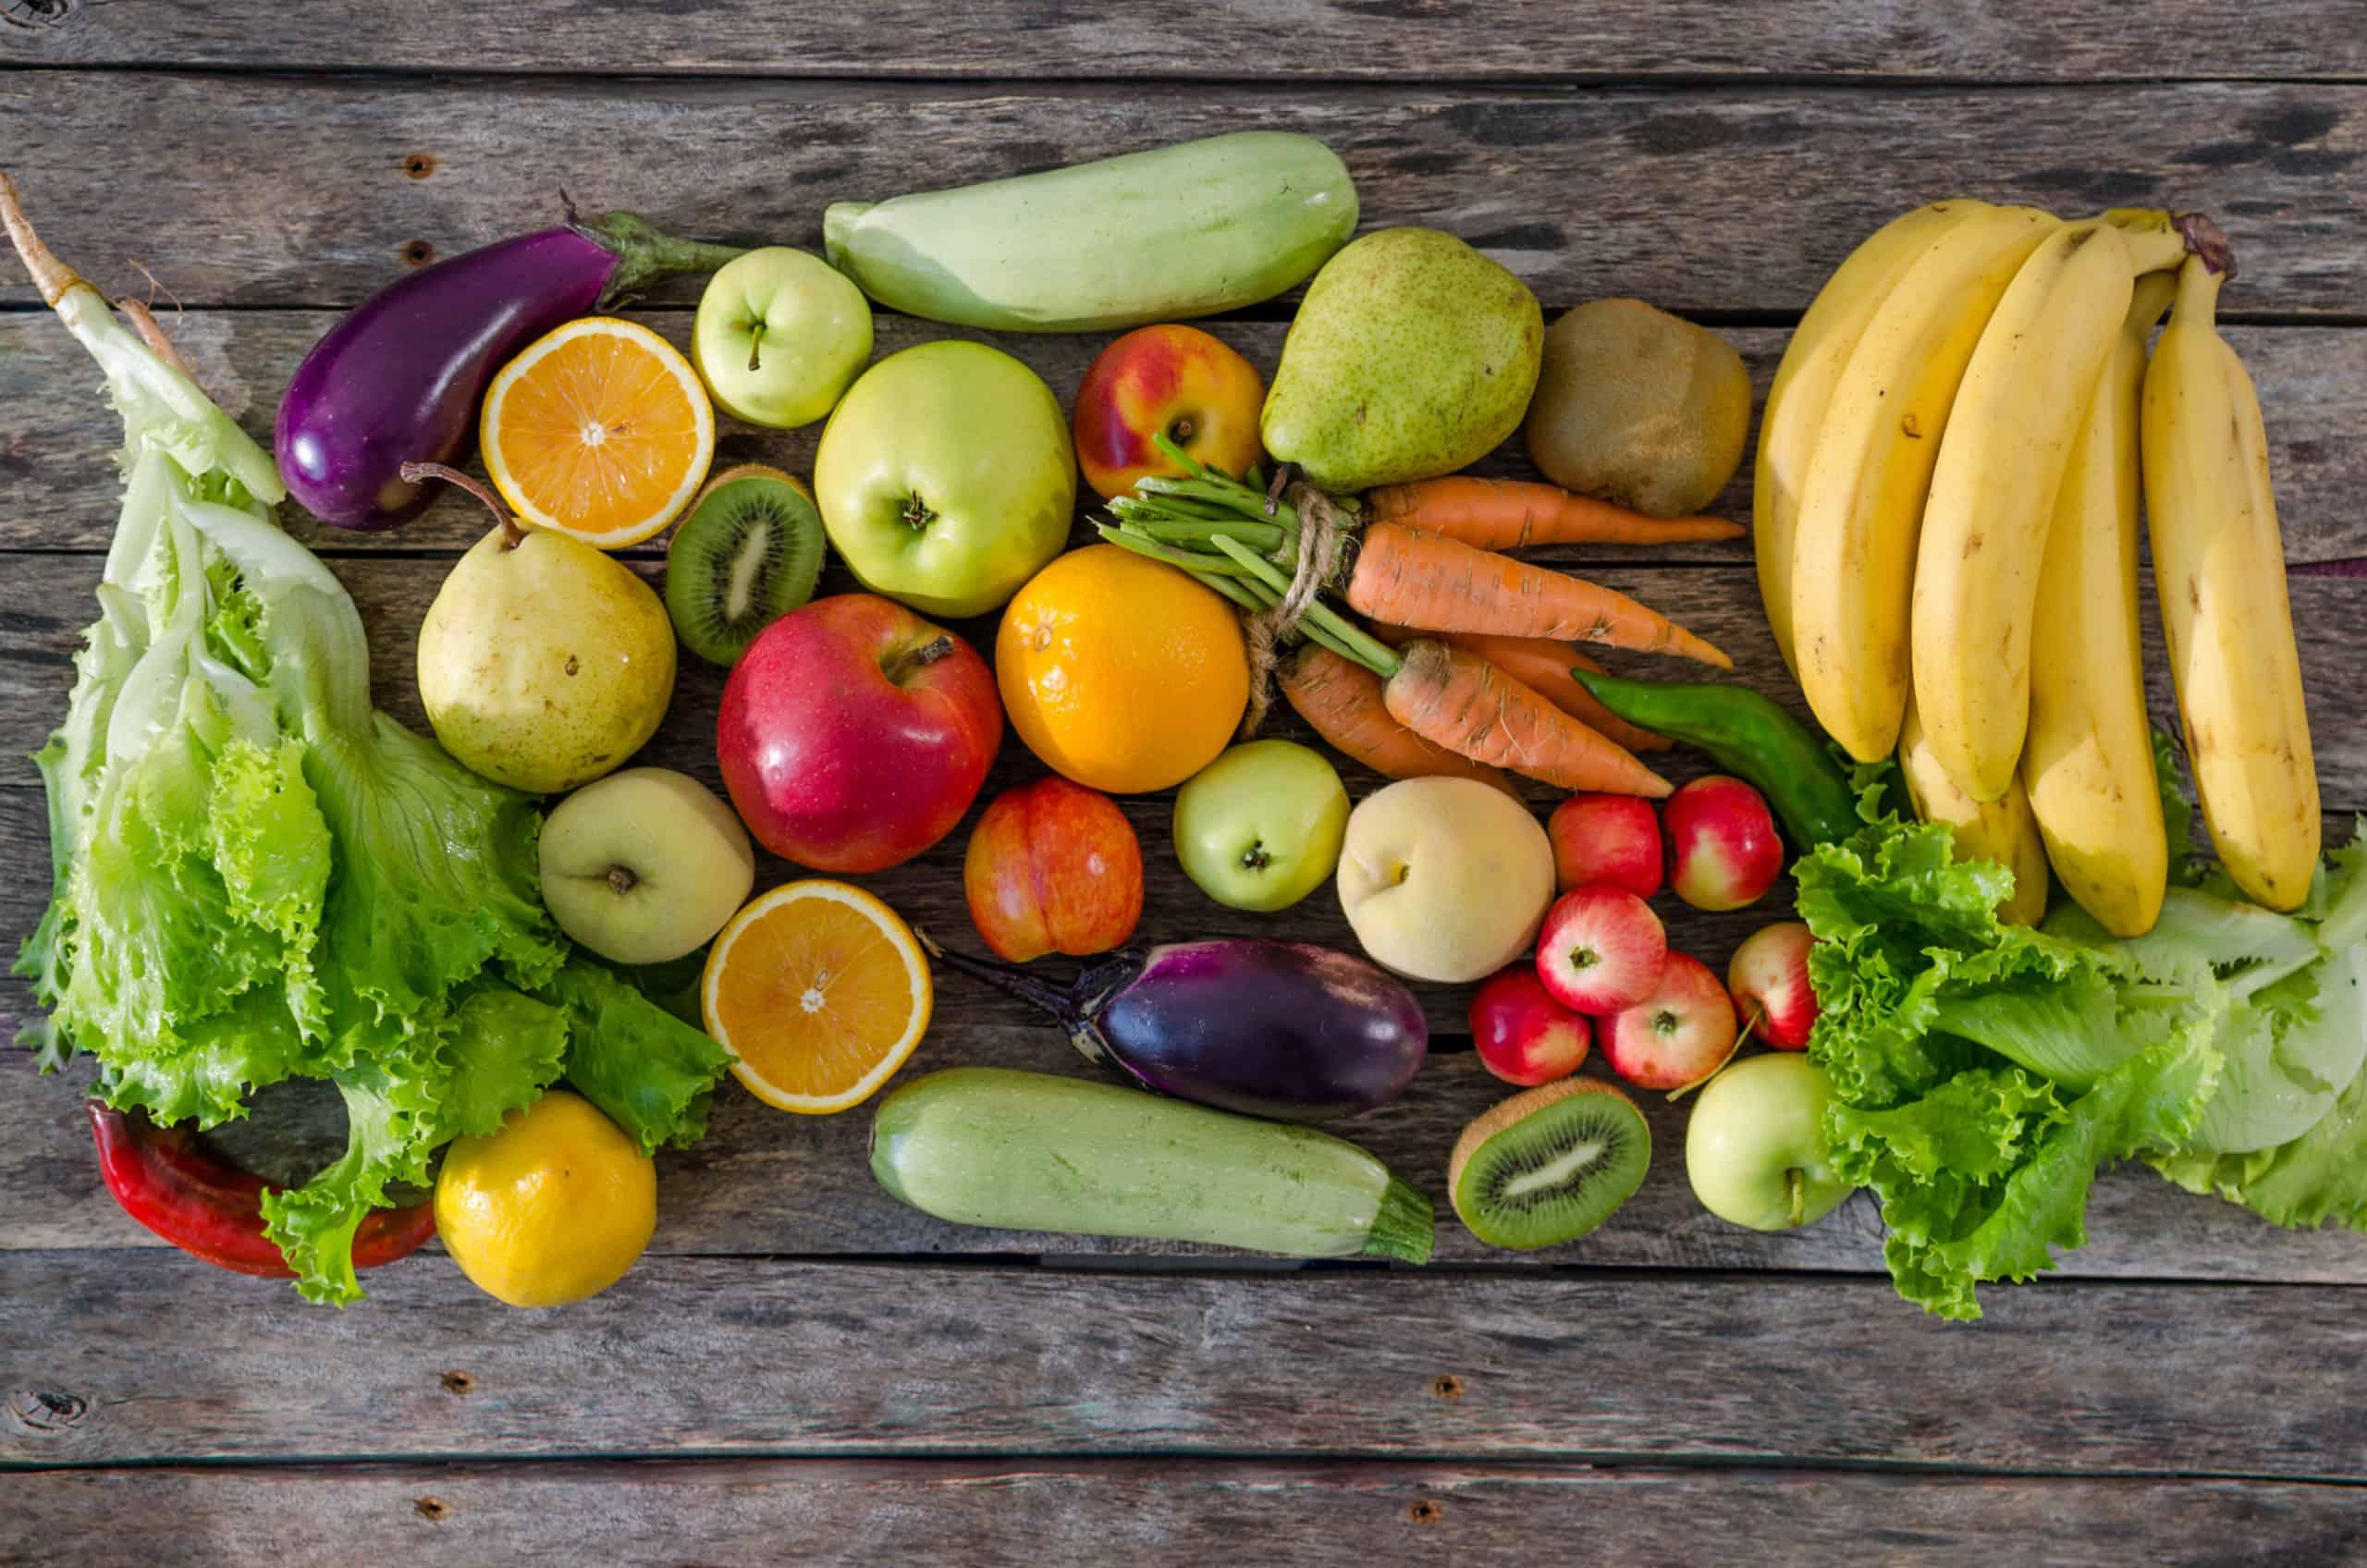 wie wichtig sind obst und gemüse für unsere gesundheit